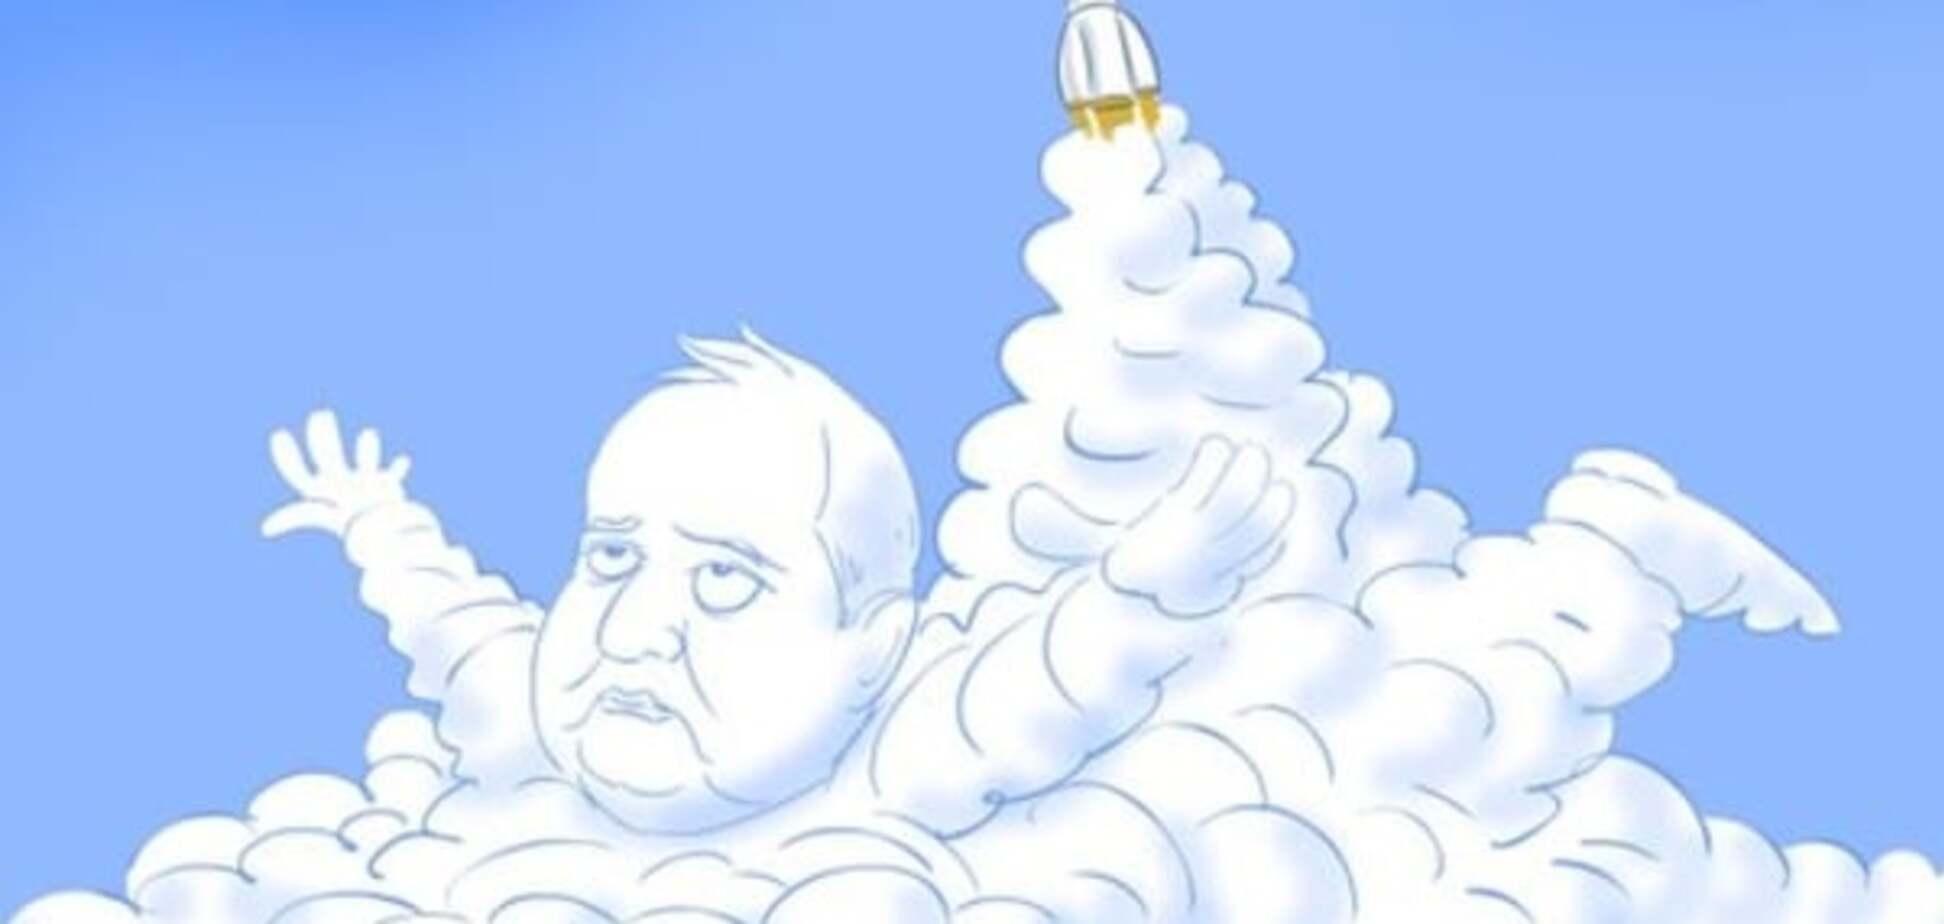 Йолкін висміяв Рогозіна і запуск ракети у Росії: свіжа карикатура